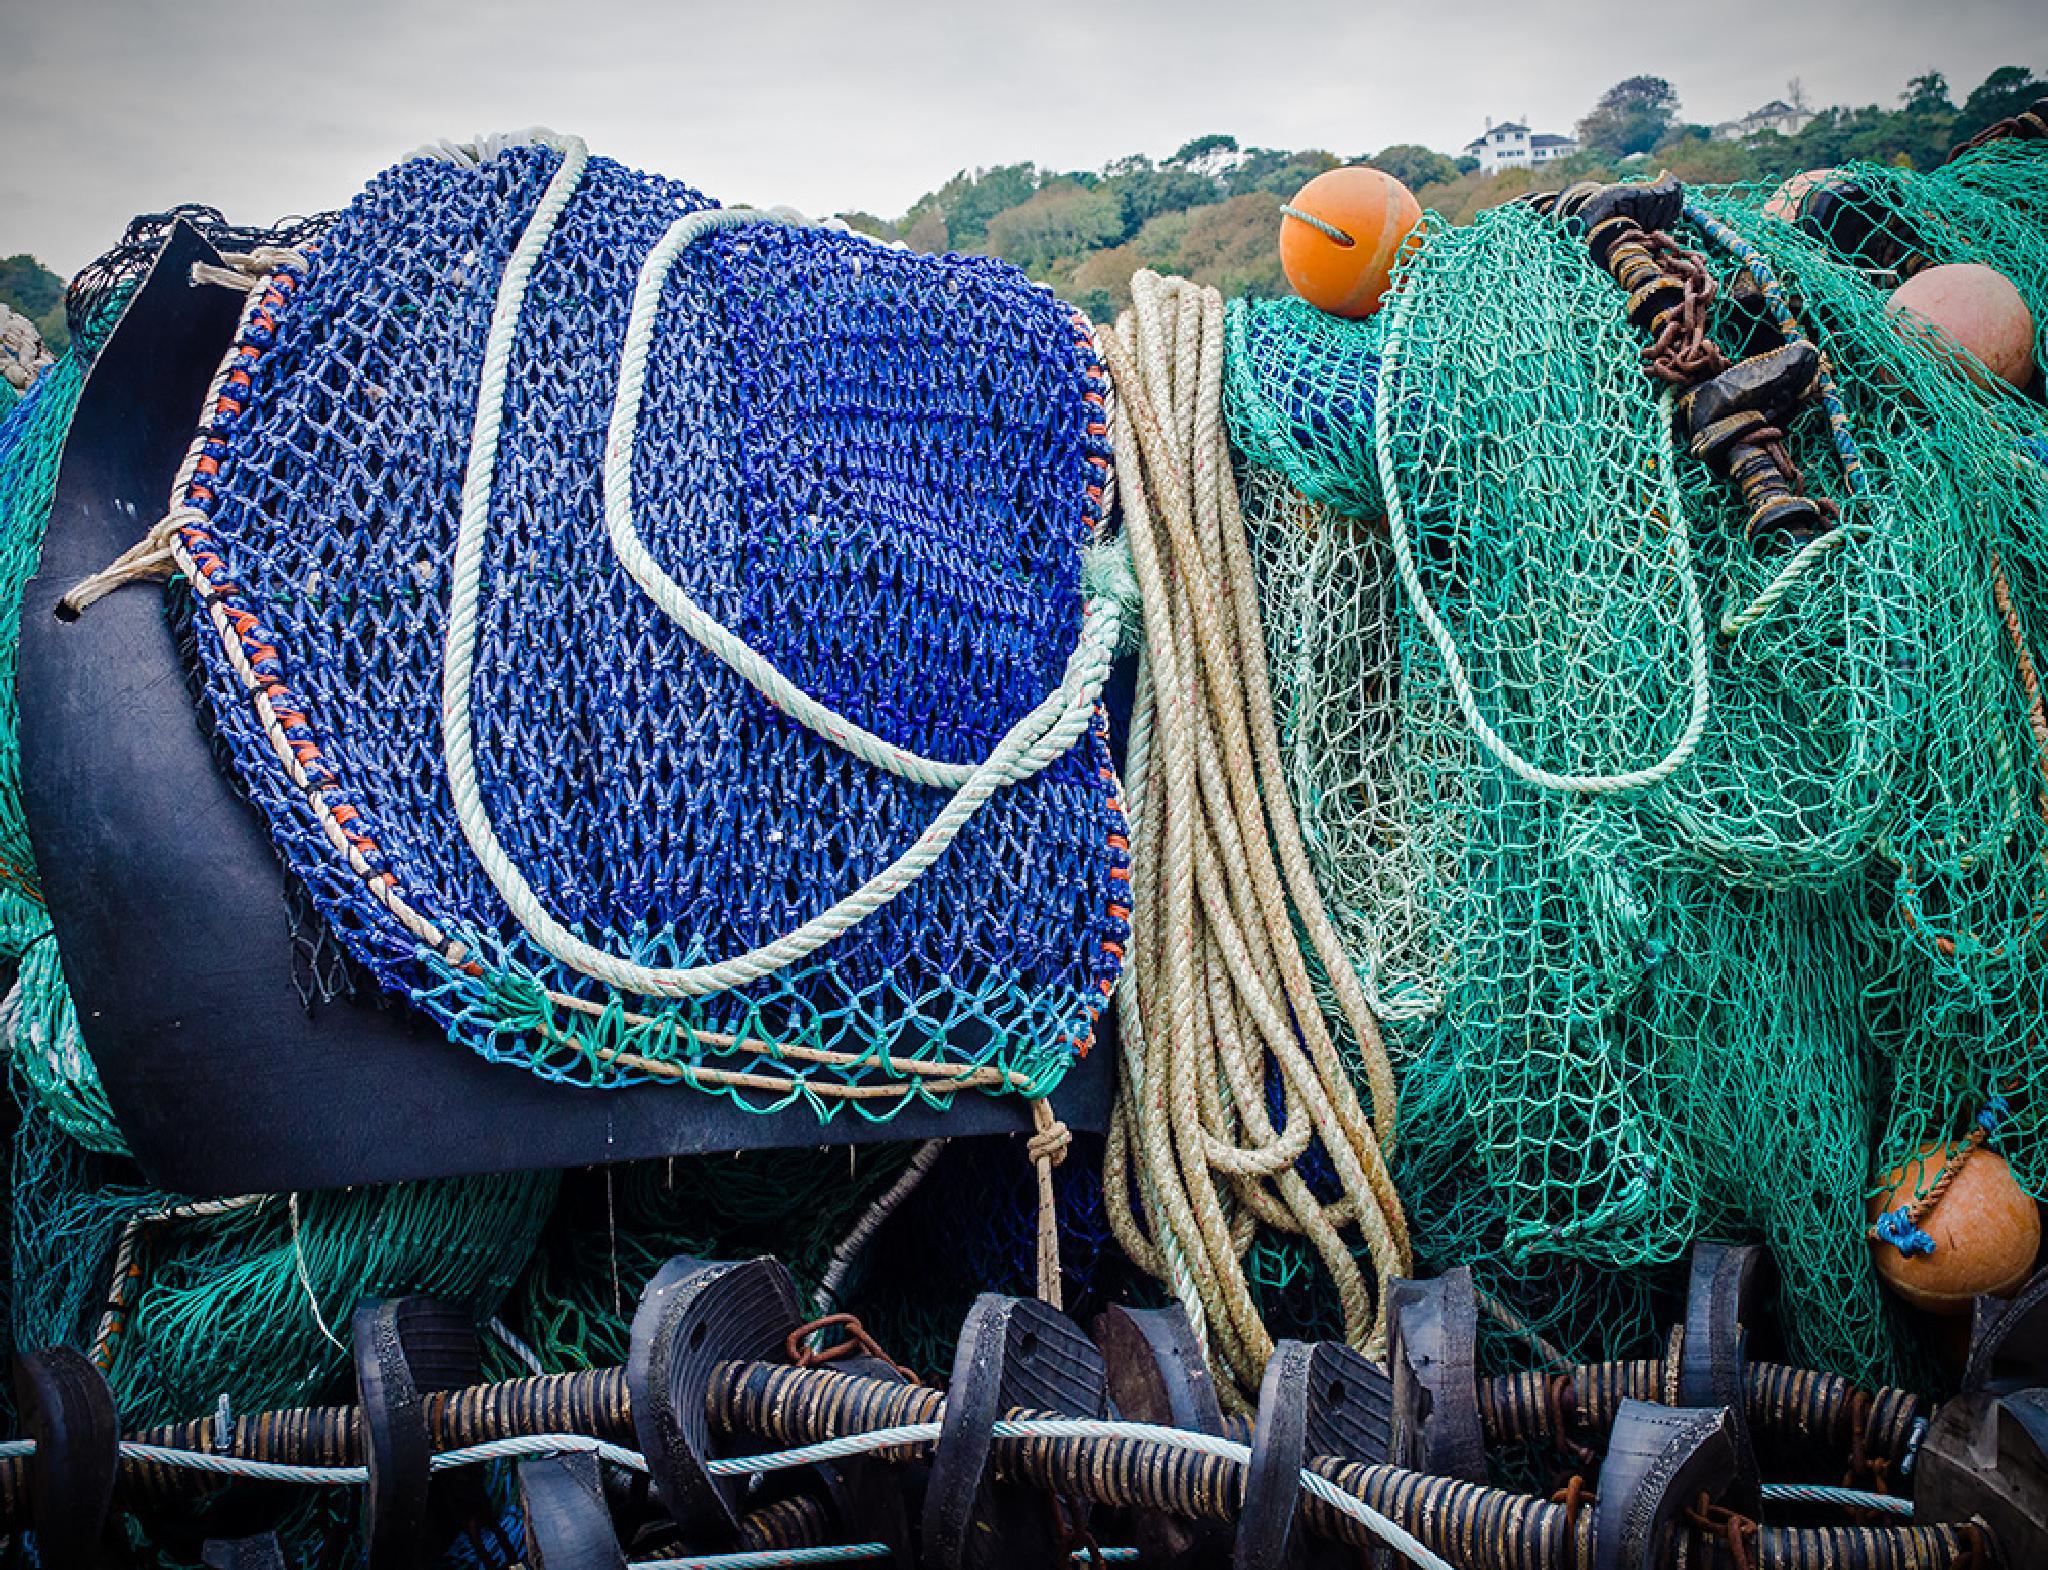 Netting by DavidNorfolk